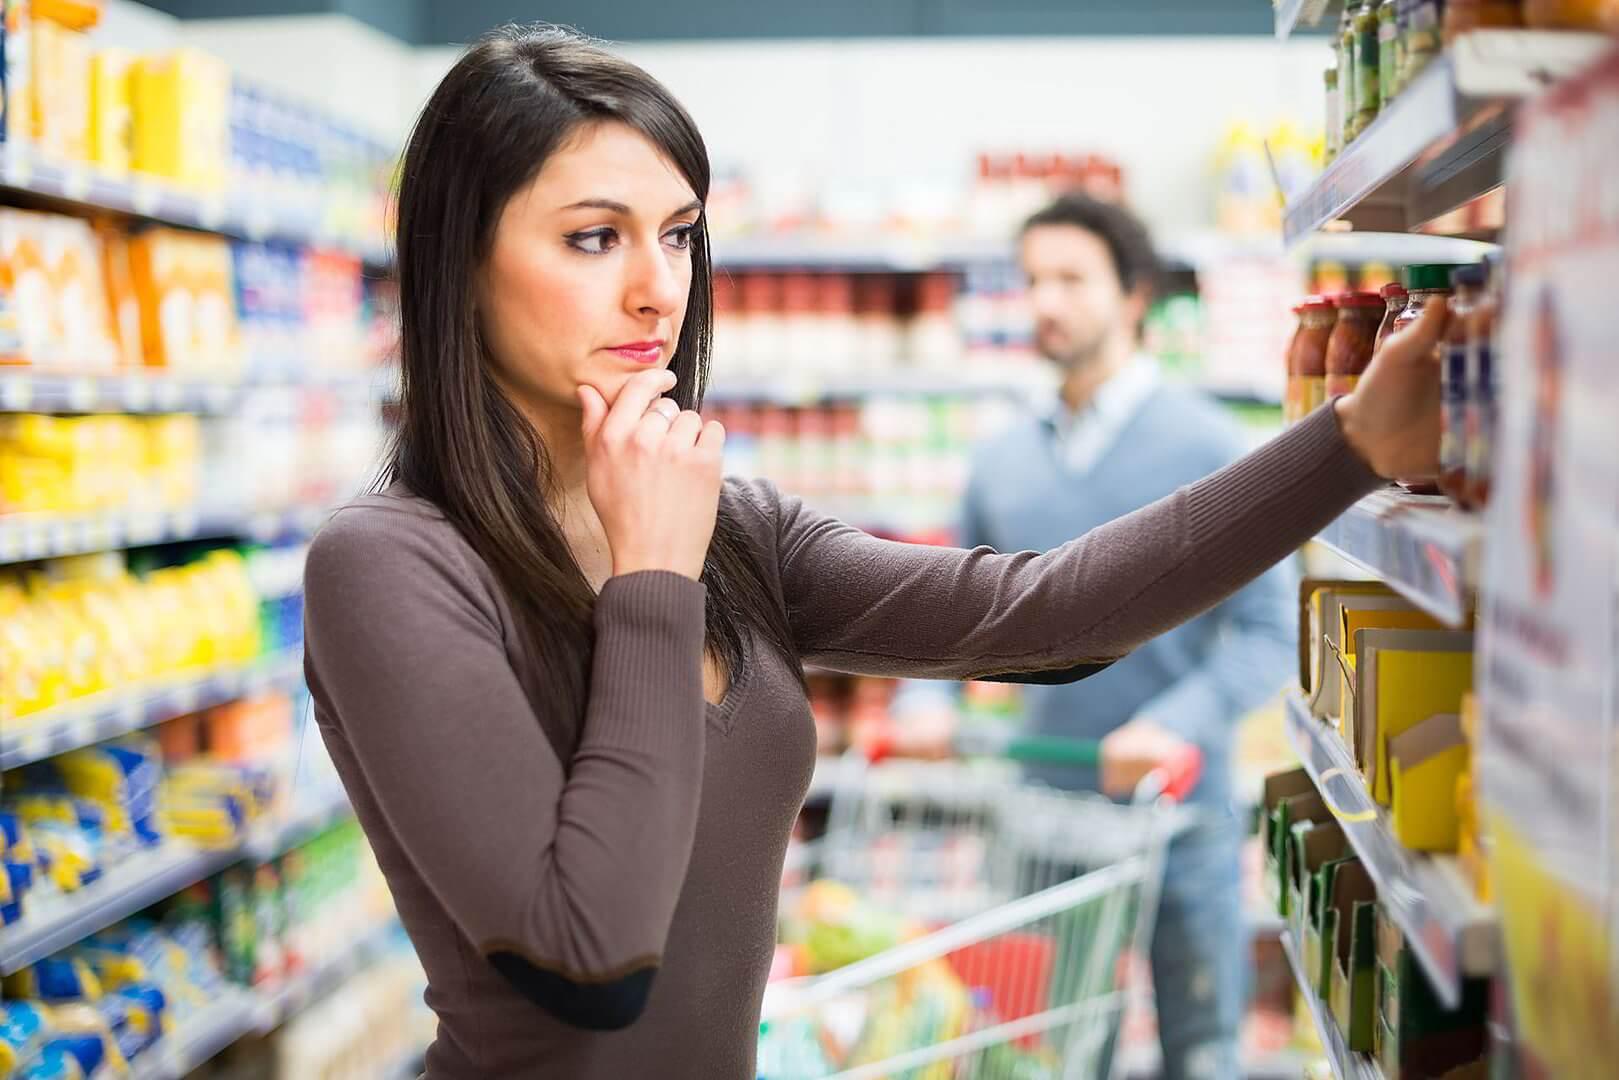 4 продукта в магазине, у которых нельзя проверить срок годности